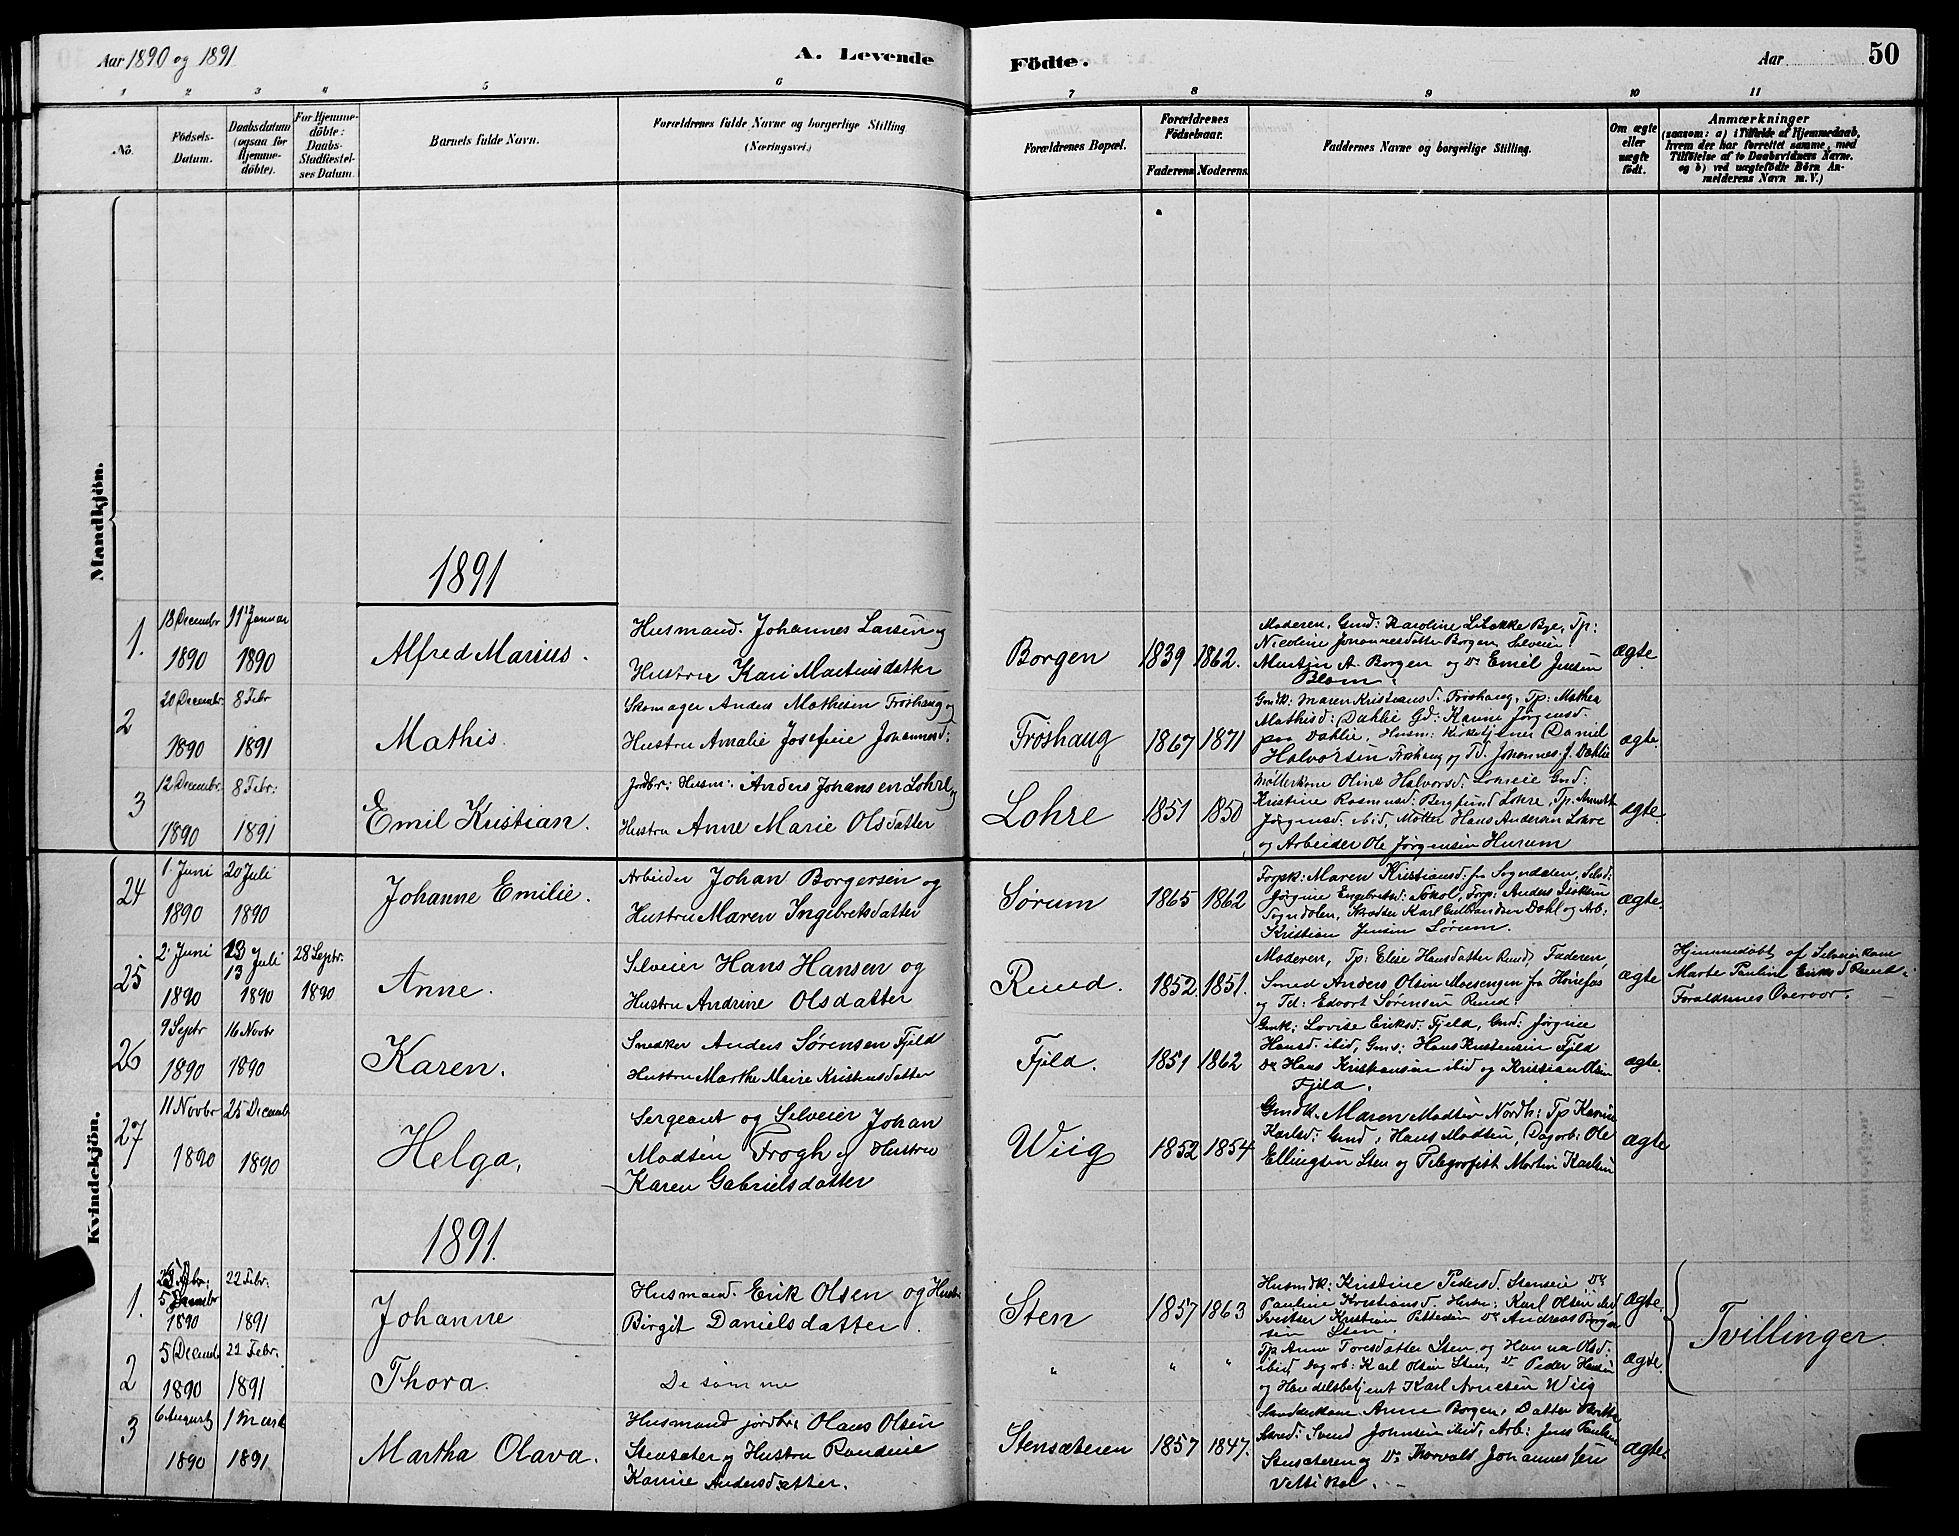 SAKO, Hole kirkebøker, G/Ga/L0003: Klokkerbok nr. I 3, 1879-1904, s. 50